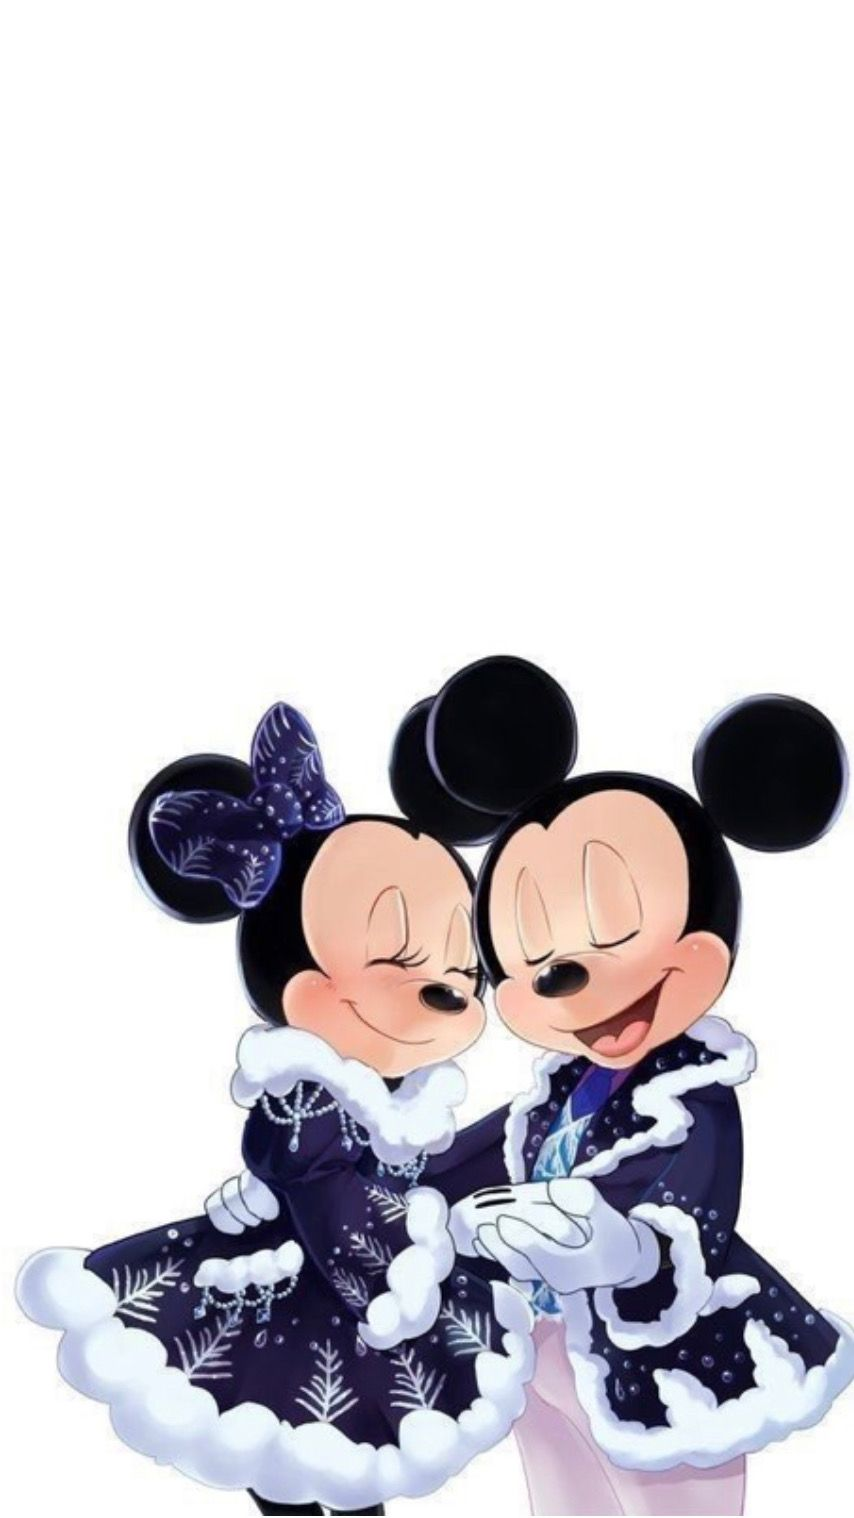 Minnie Mickey Mouse Fond D Ecran De Cellulaire Sur Le Theme De Disney 30 Clubboxingday Bo Fond D Ecran Mickey Mouse Mickey Et Minnie Fond D Ecran Mickey